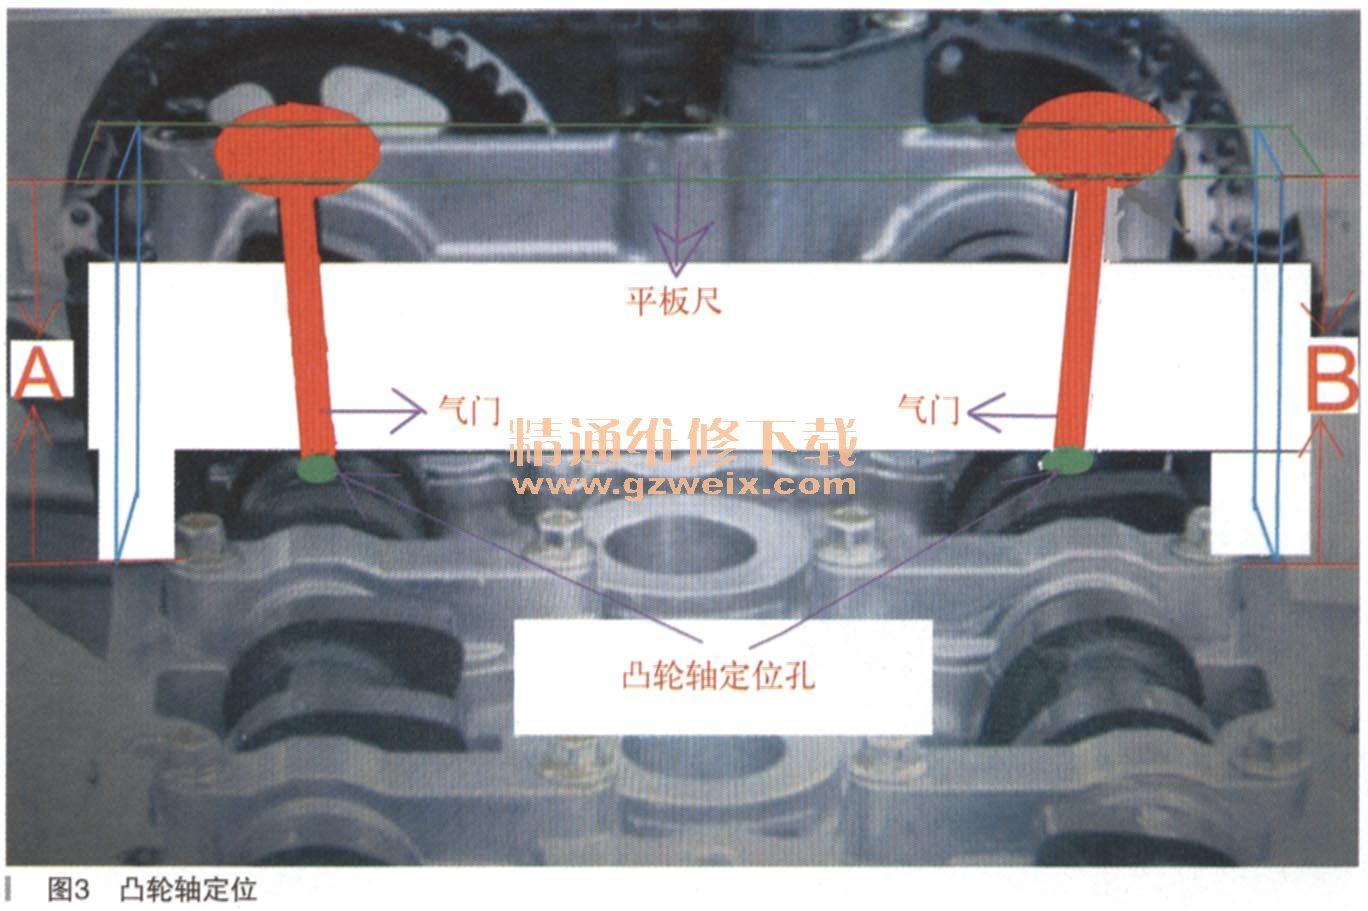 荣威 350非专用工具 对正时 方法 精通维修下载 高清图片